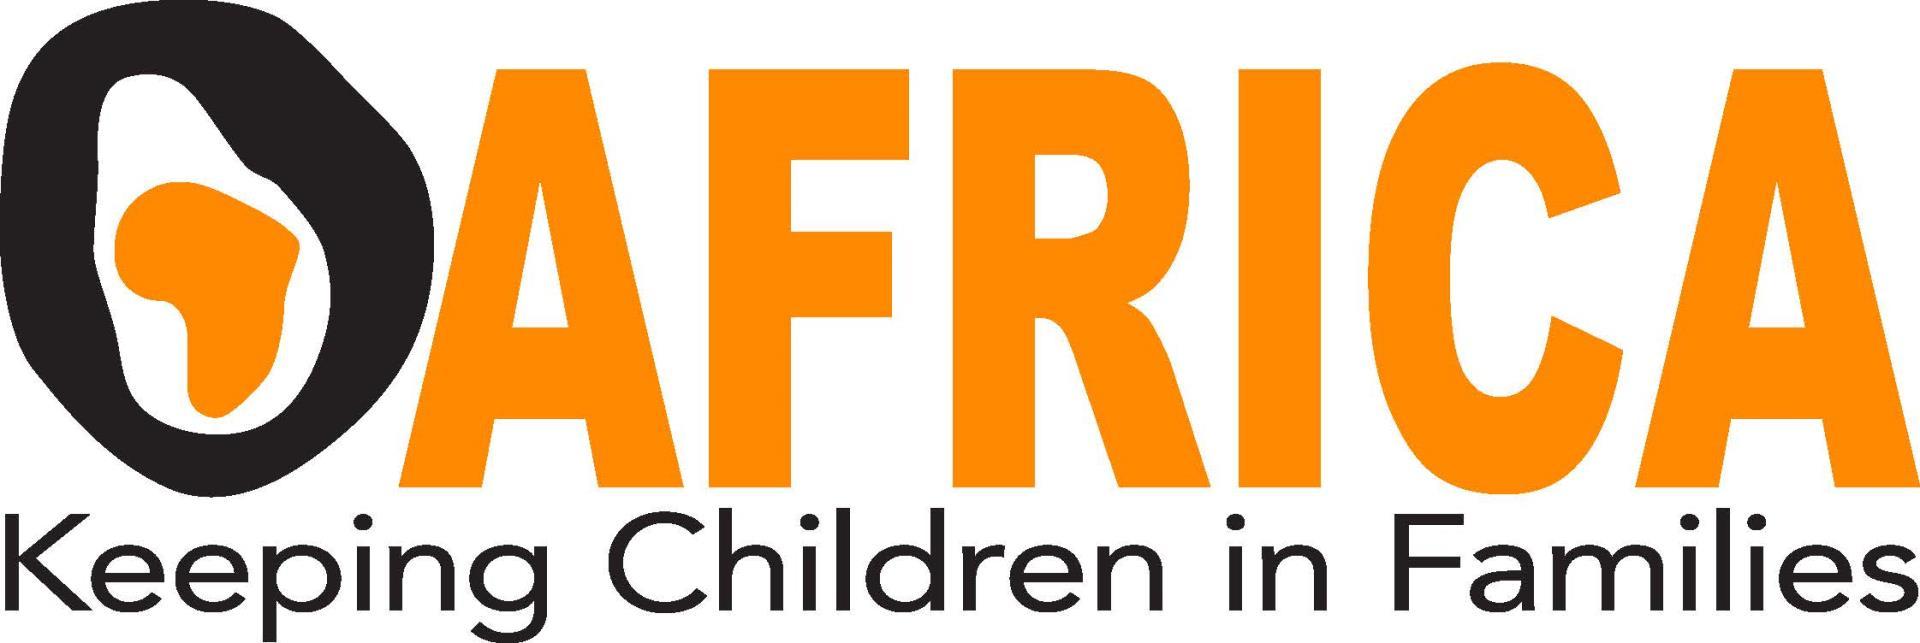 Association - OAfrica